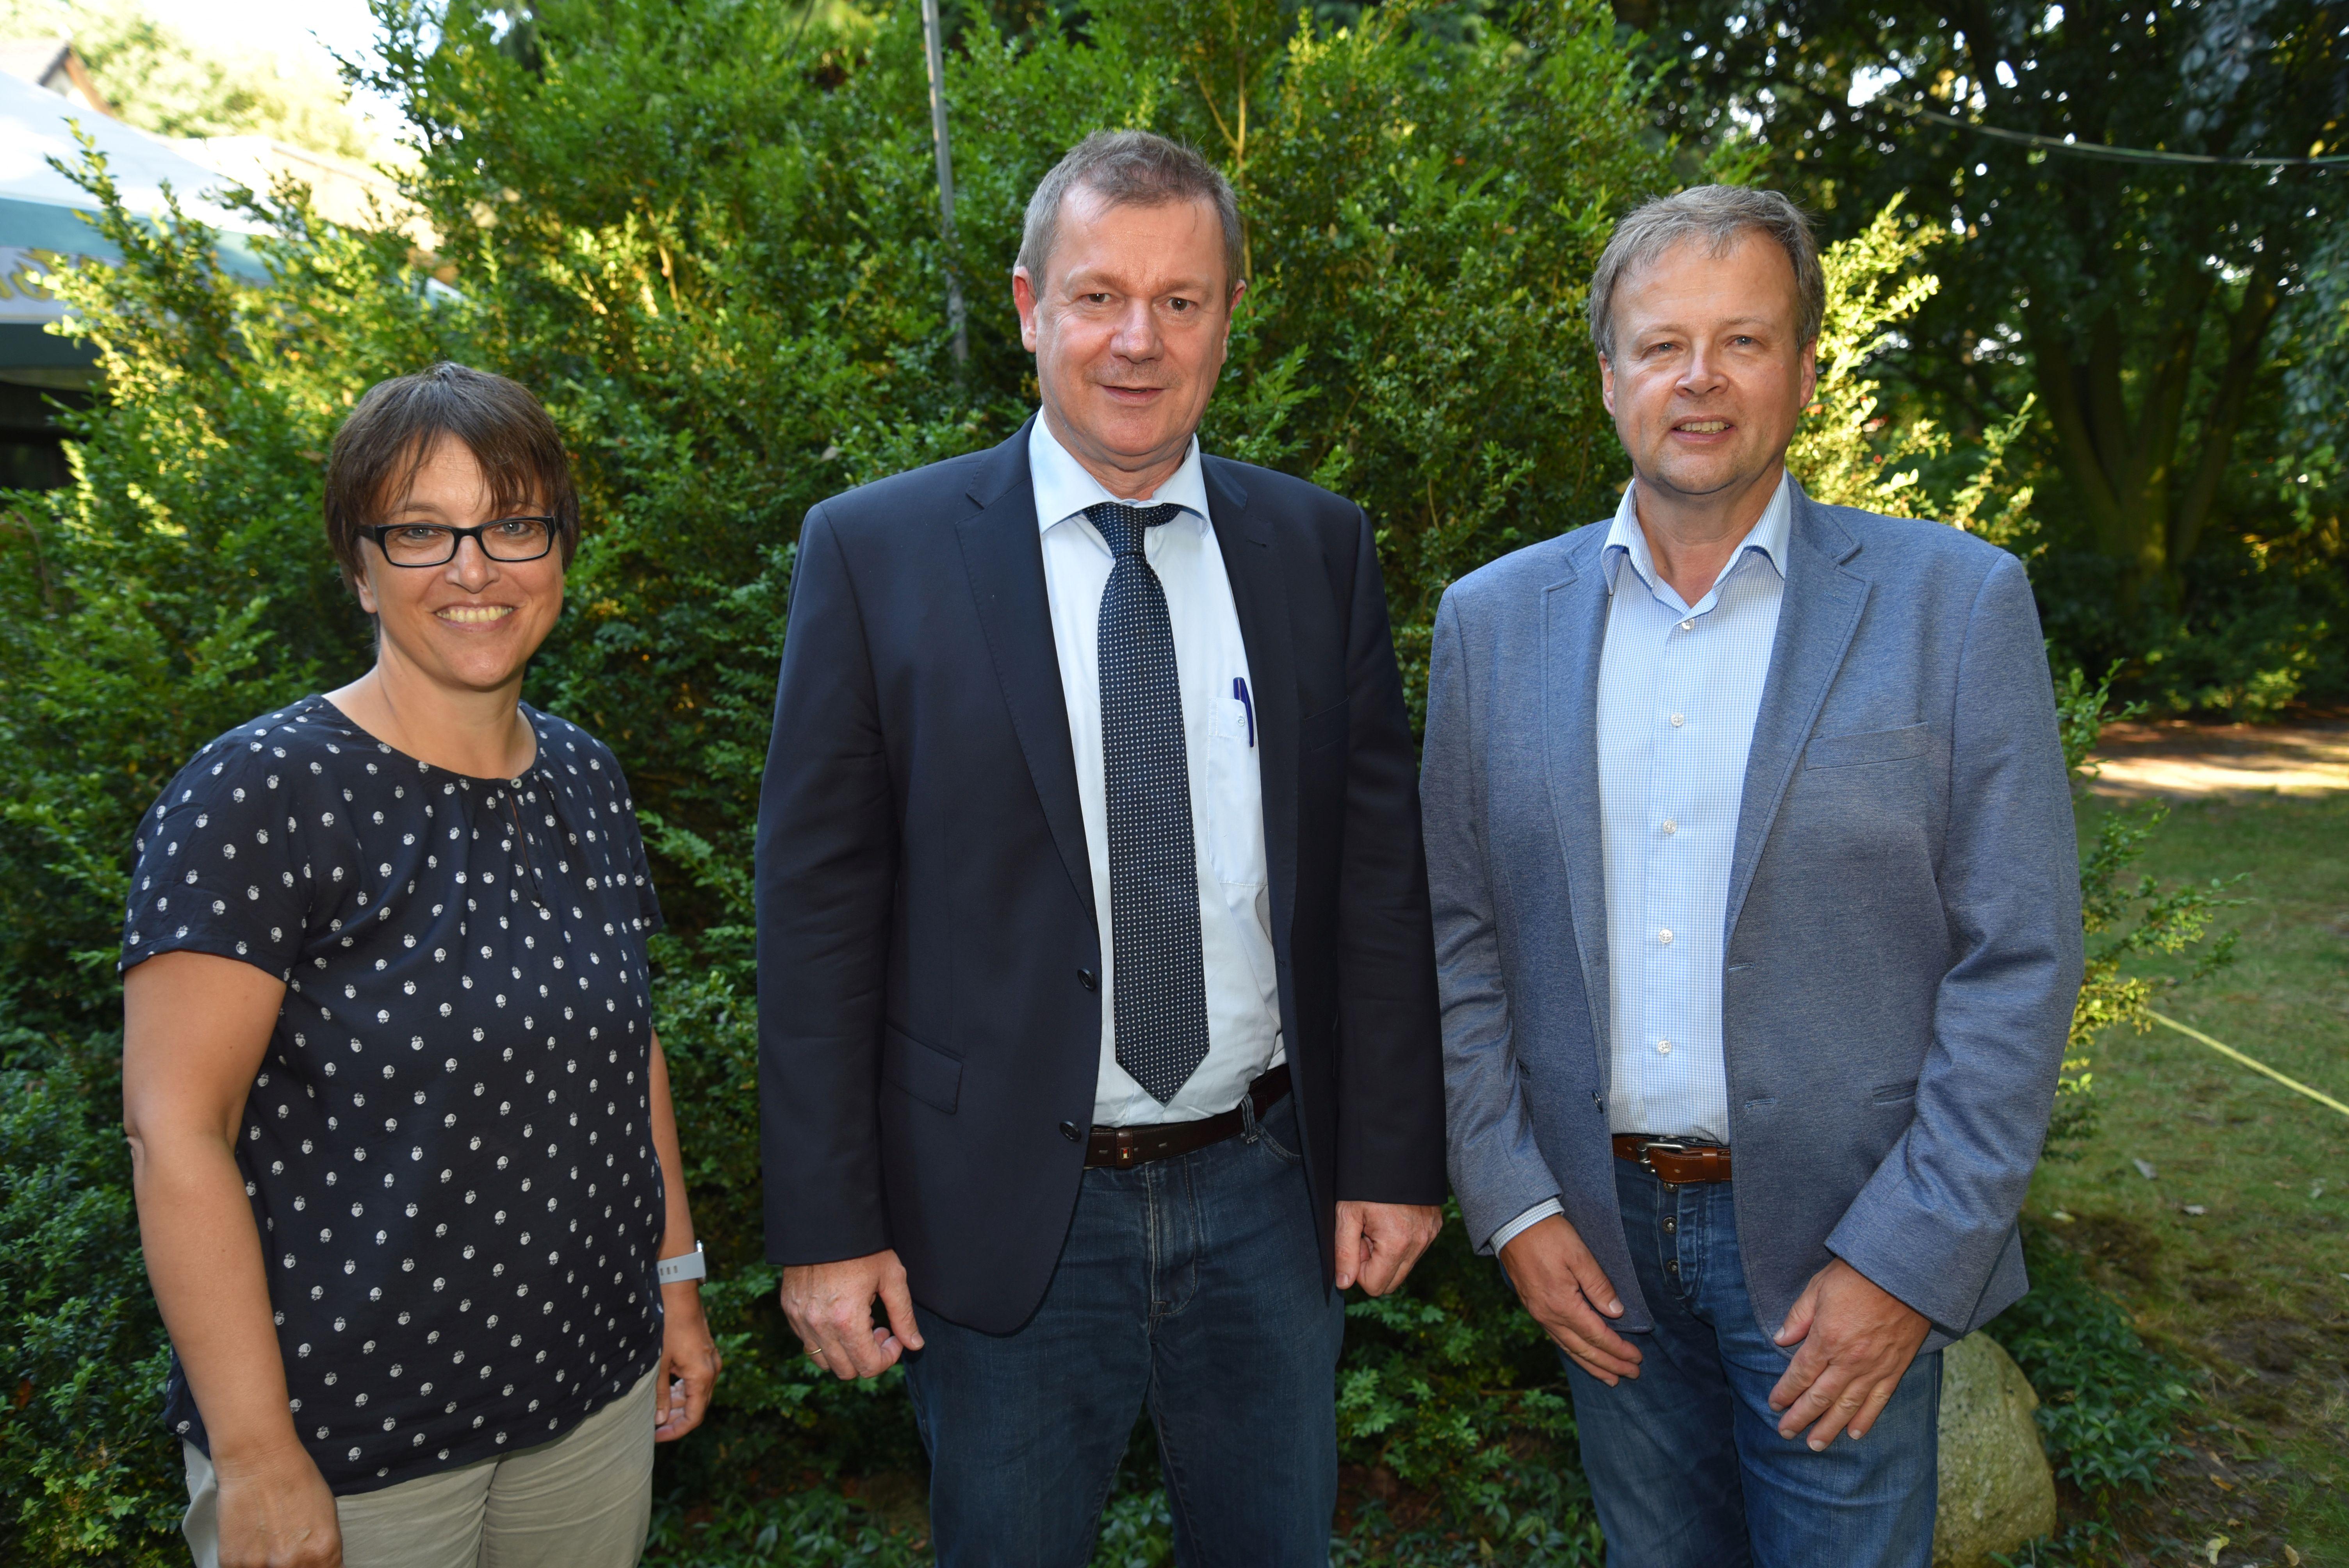 Dr. Markus Pieper (Mitte) referierte auf Einladung des CDU-Vorsitzenden Christian Moll und seiner Stellvertreterin Susanne Werthmöller über aktuelle europäische Politikfelder.